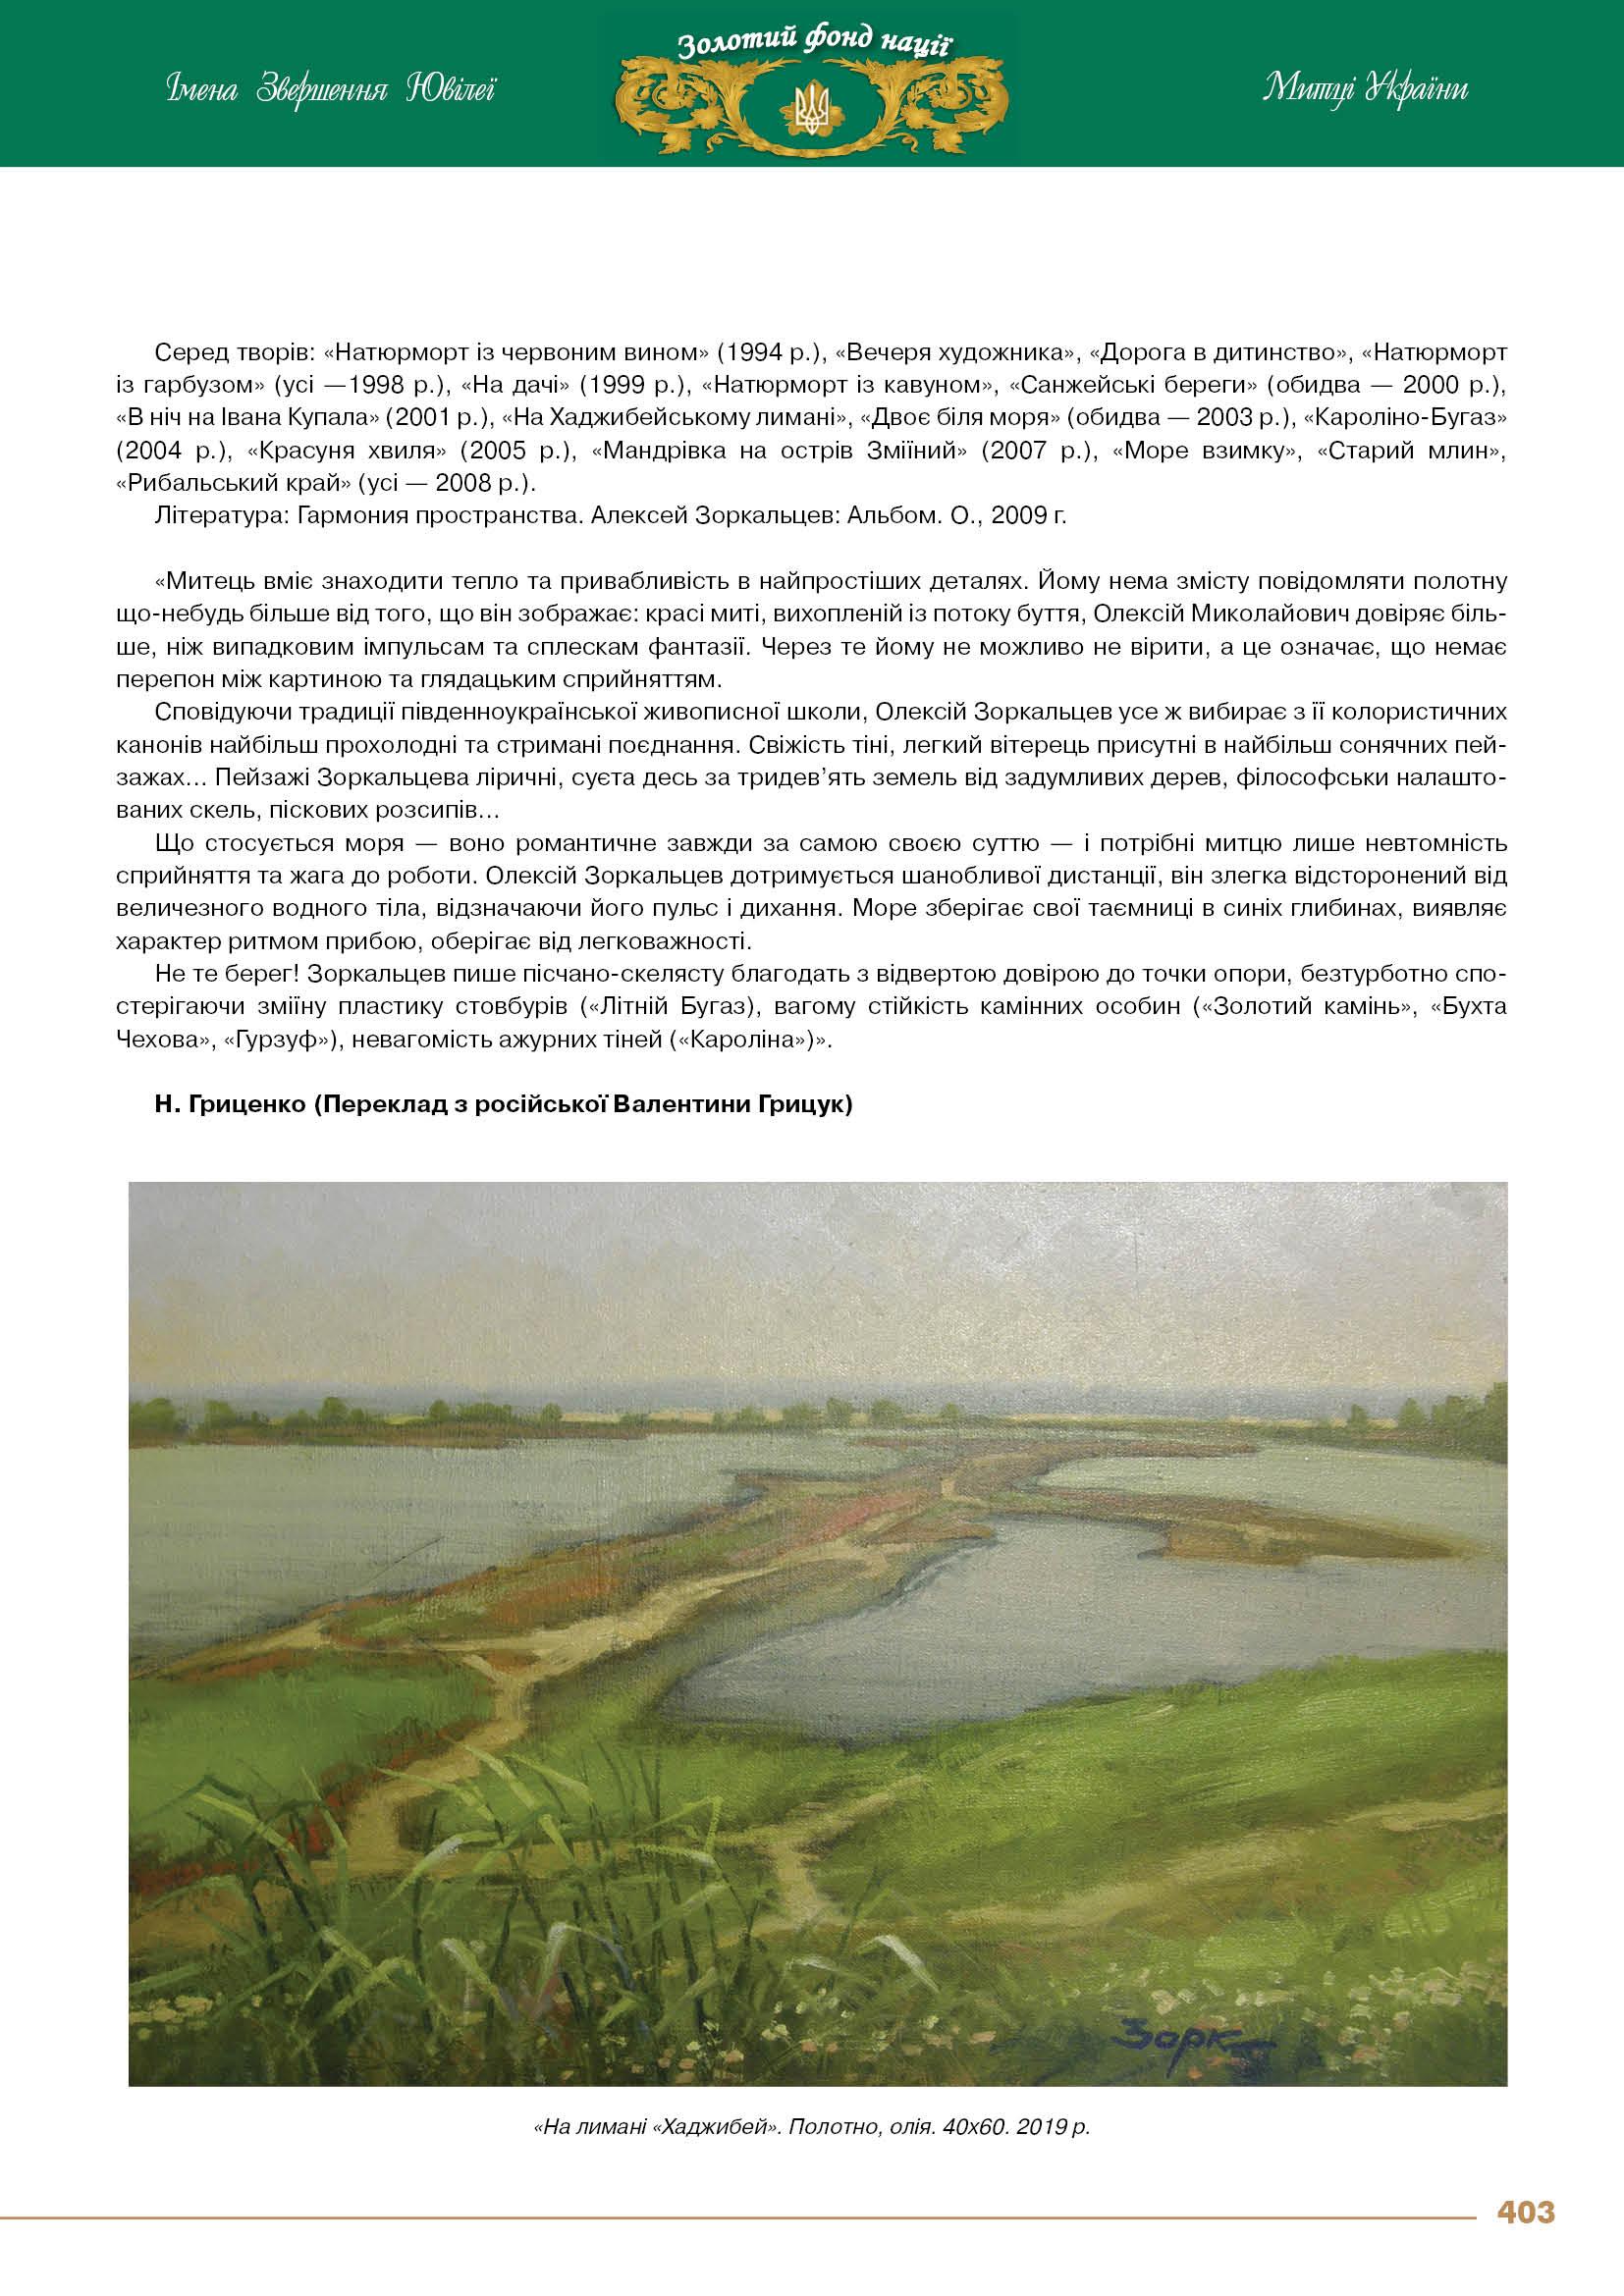 Зоркальцев Олексій Миколайович